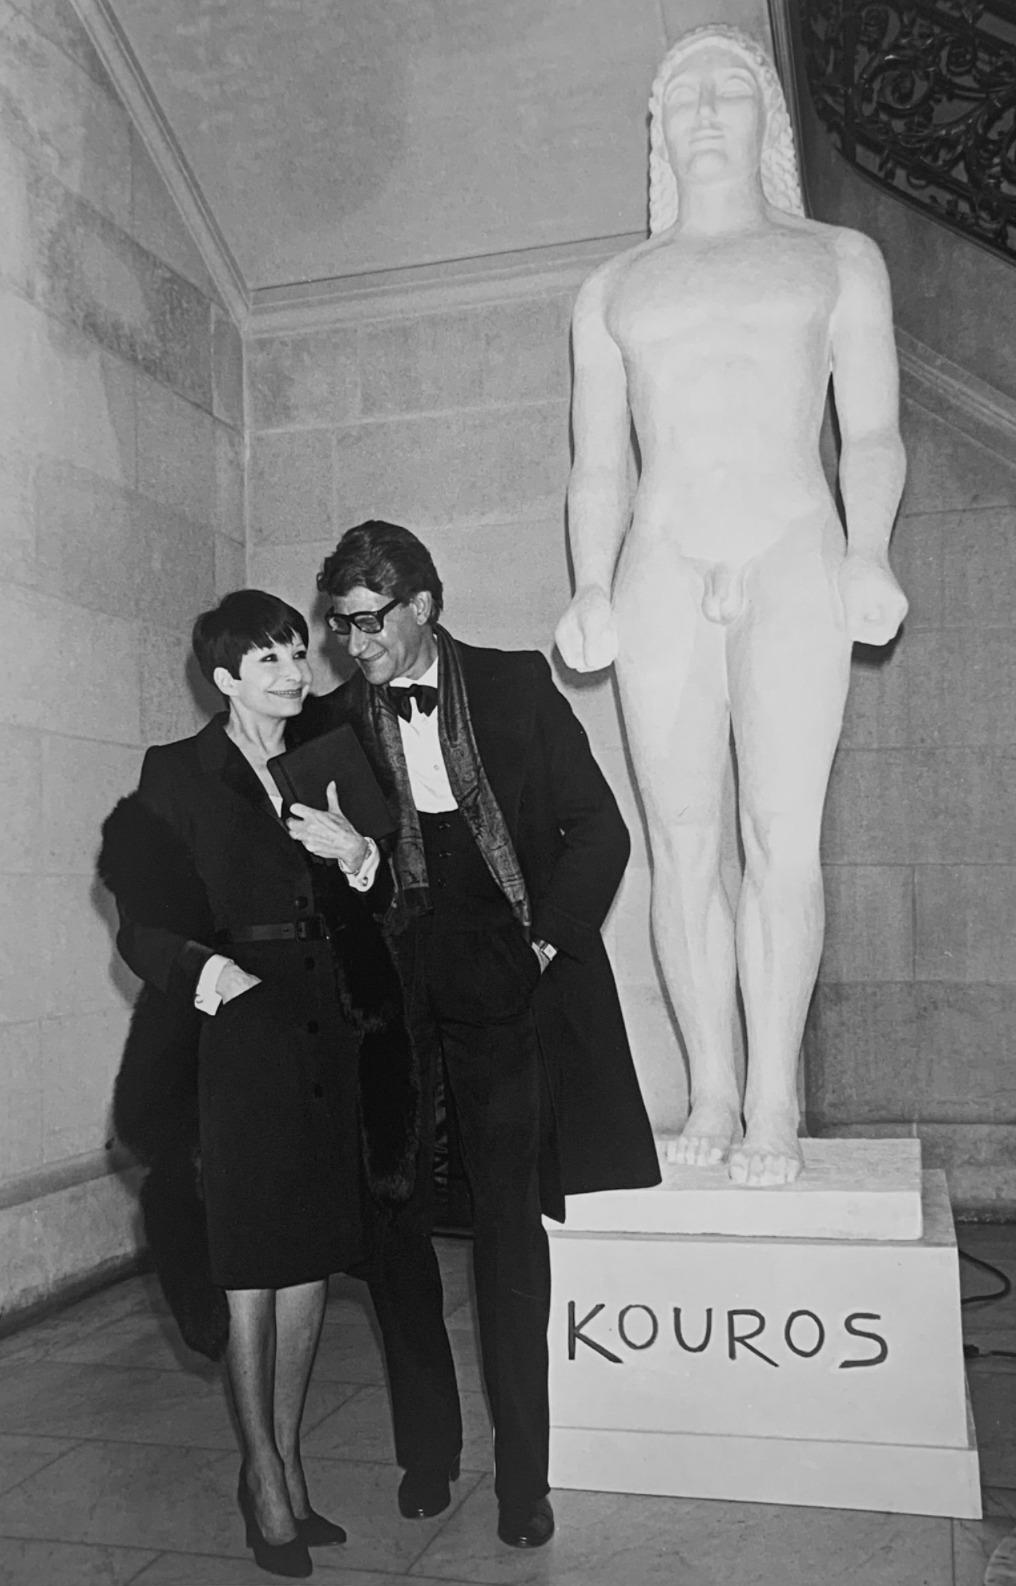 Zizi - Yves Saint Laurent, all'asta da Chrristie's alcuni degli abiti straordinari realizzati dallo stilista per la celebre ballerina.